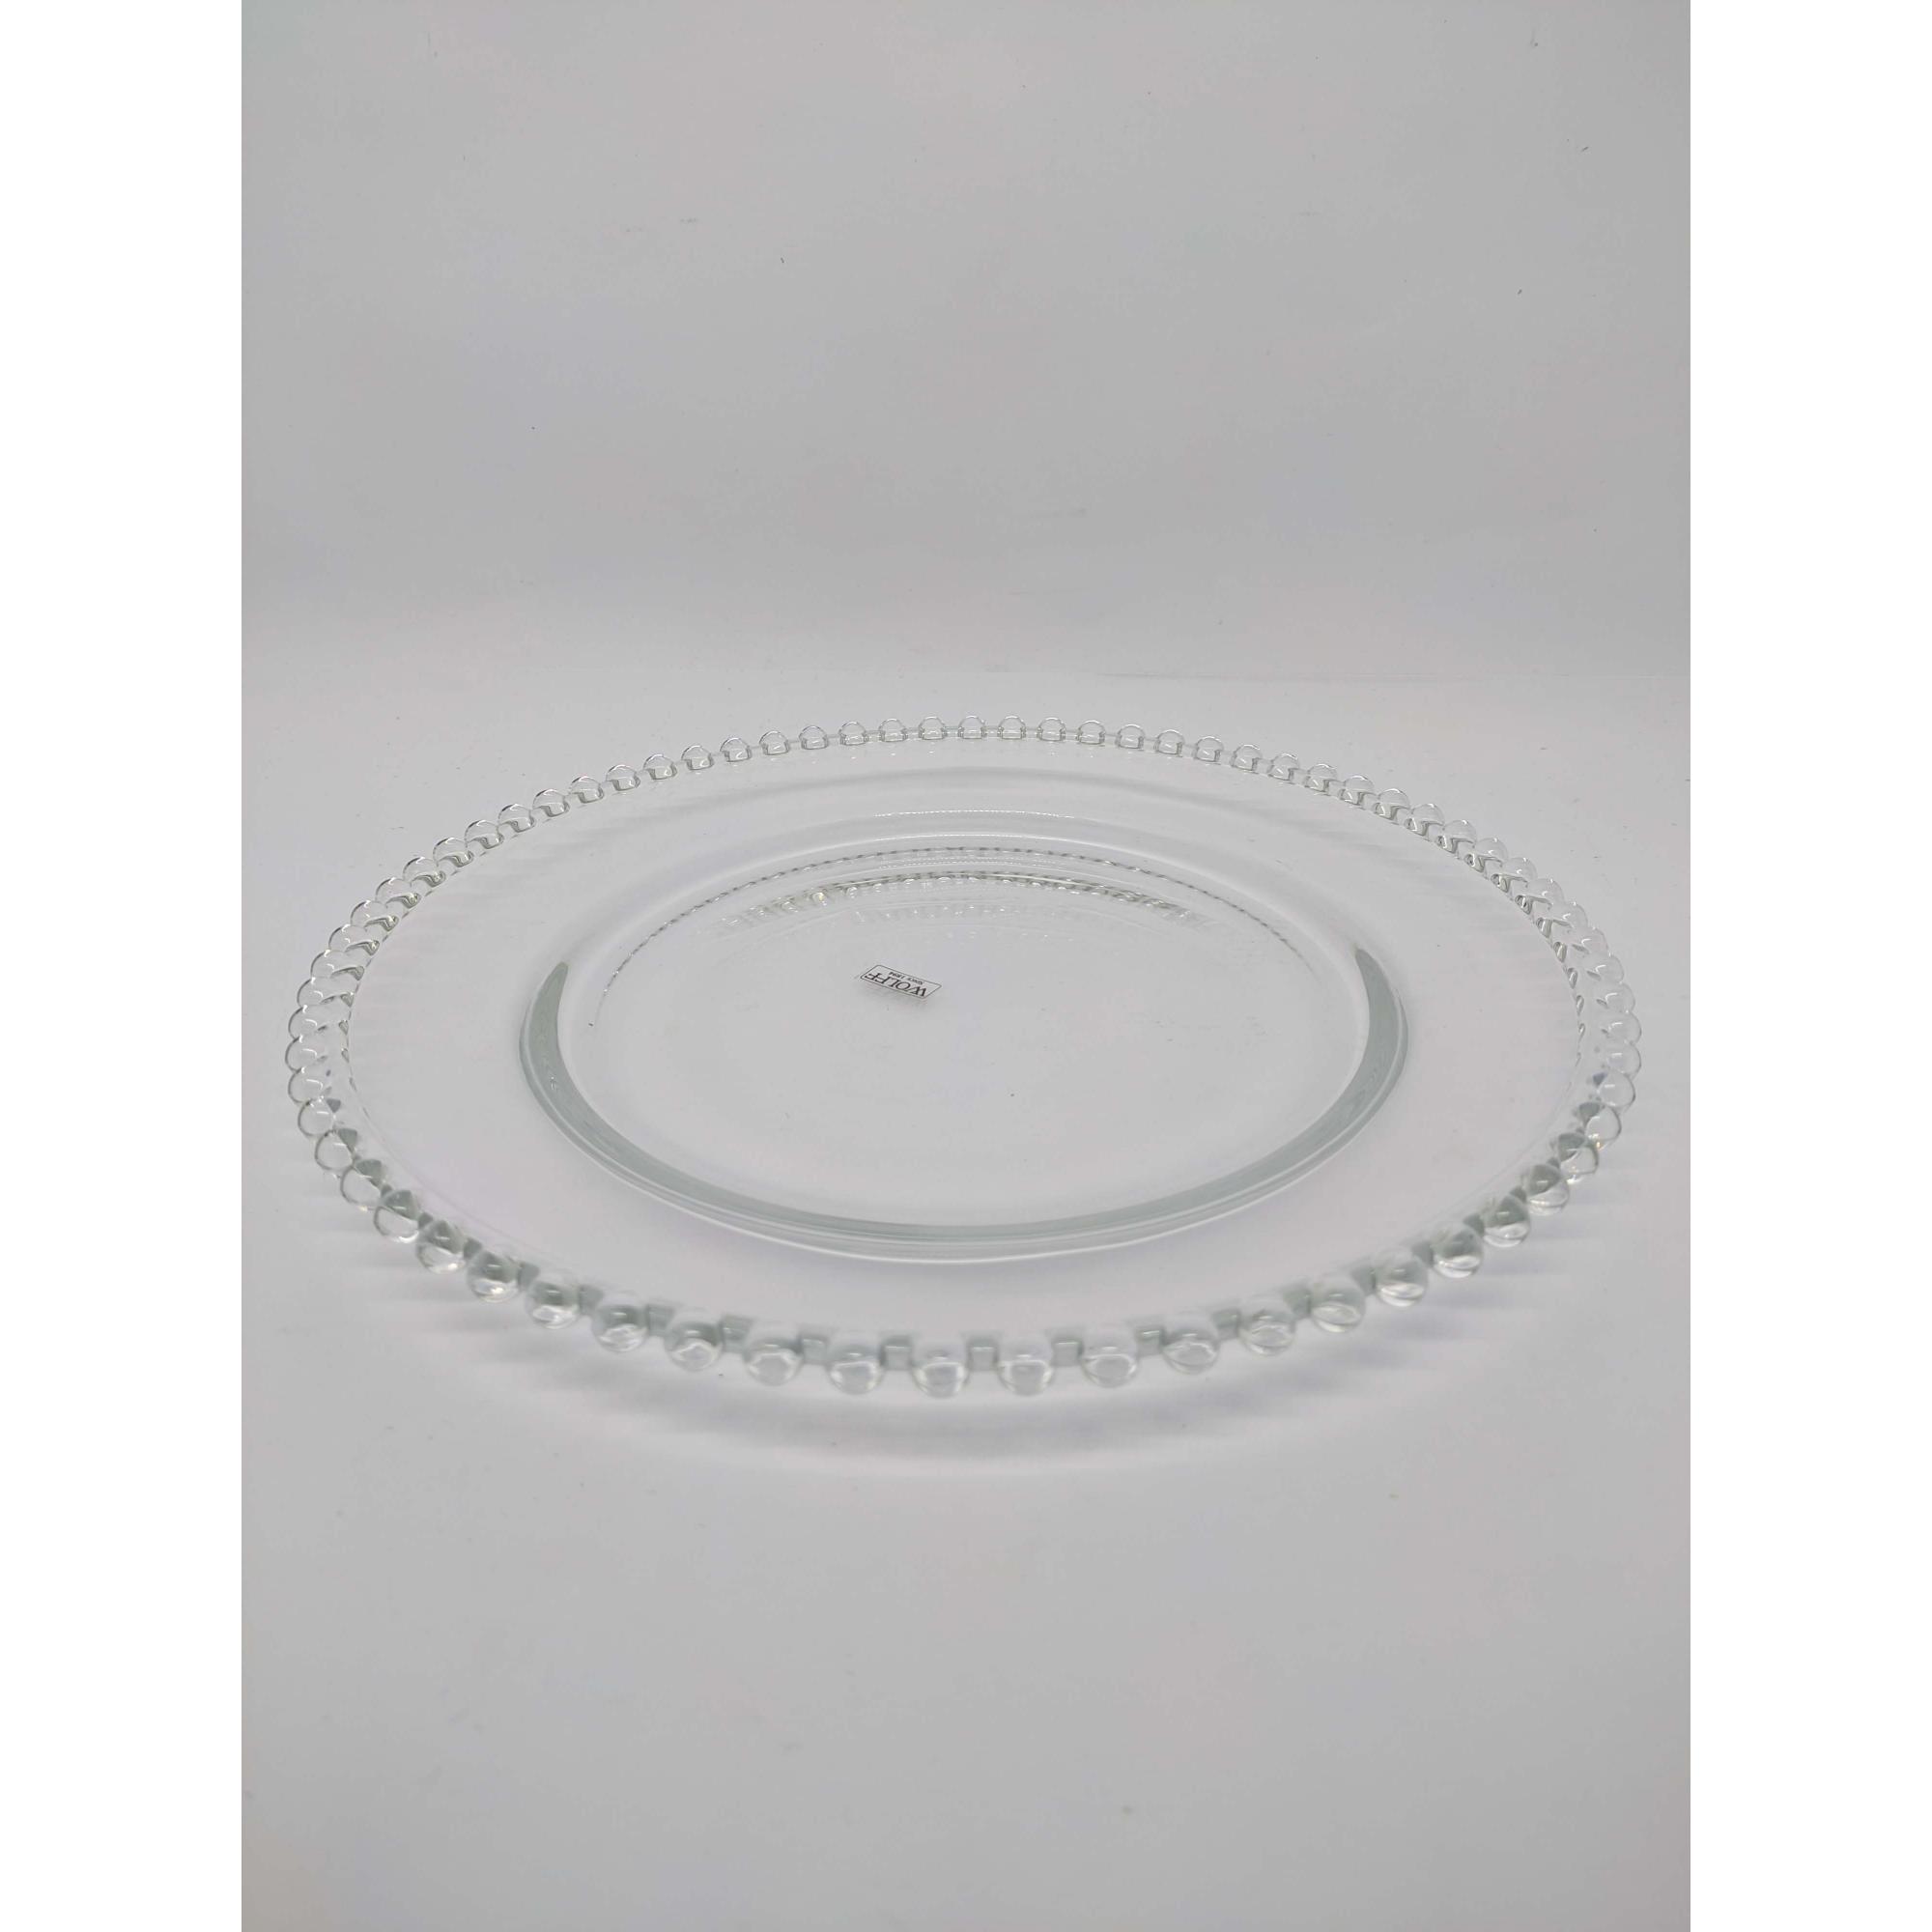 Prato Cristal de Chumbo Pearl 28cm